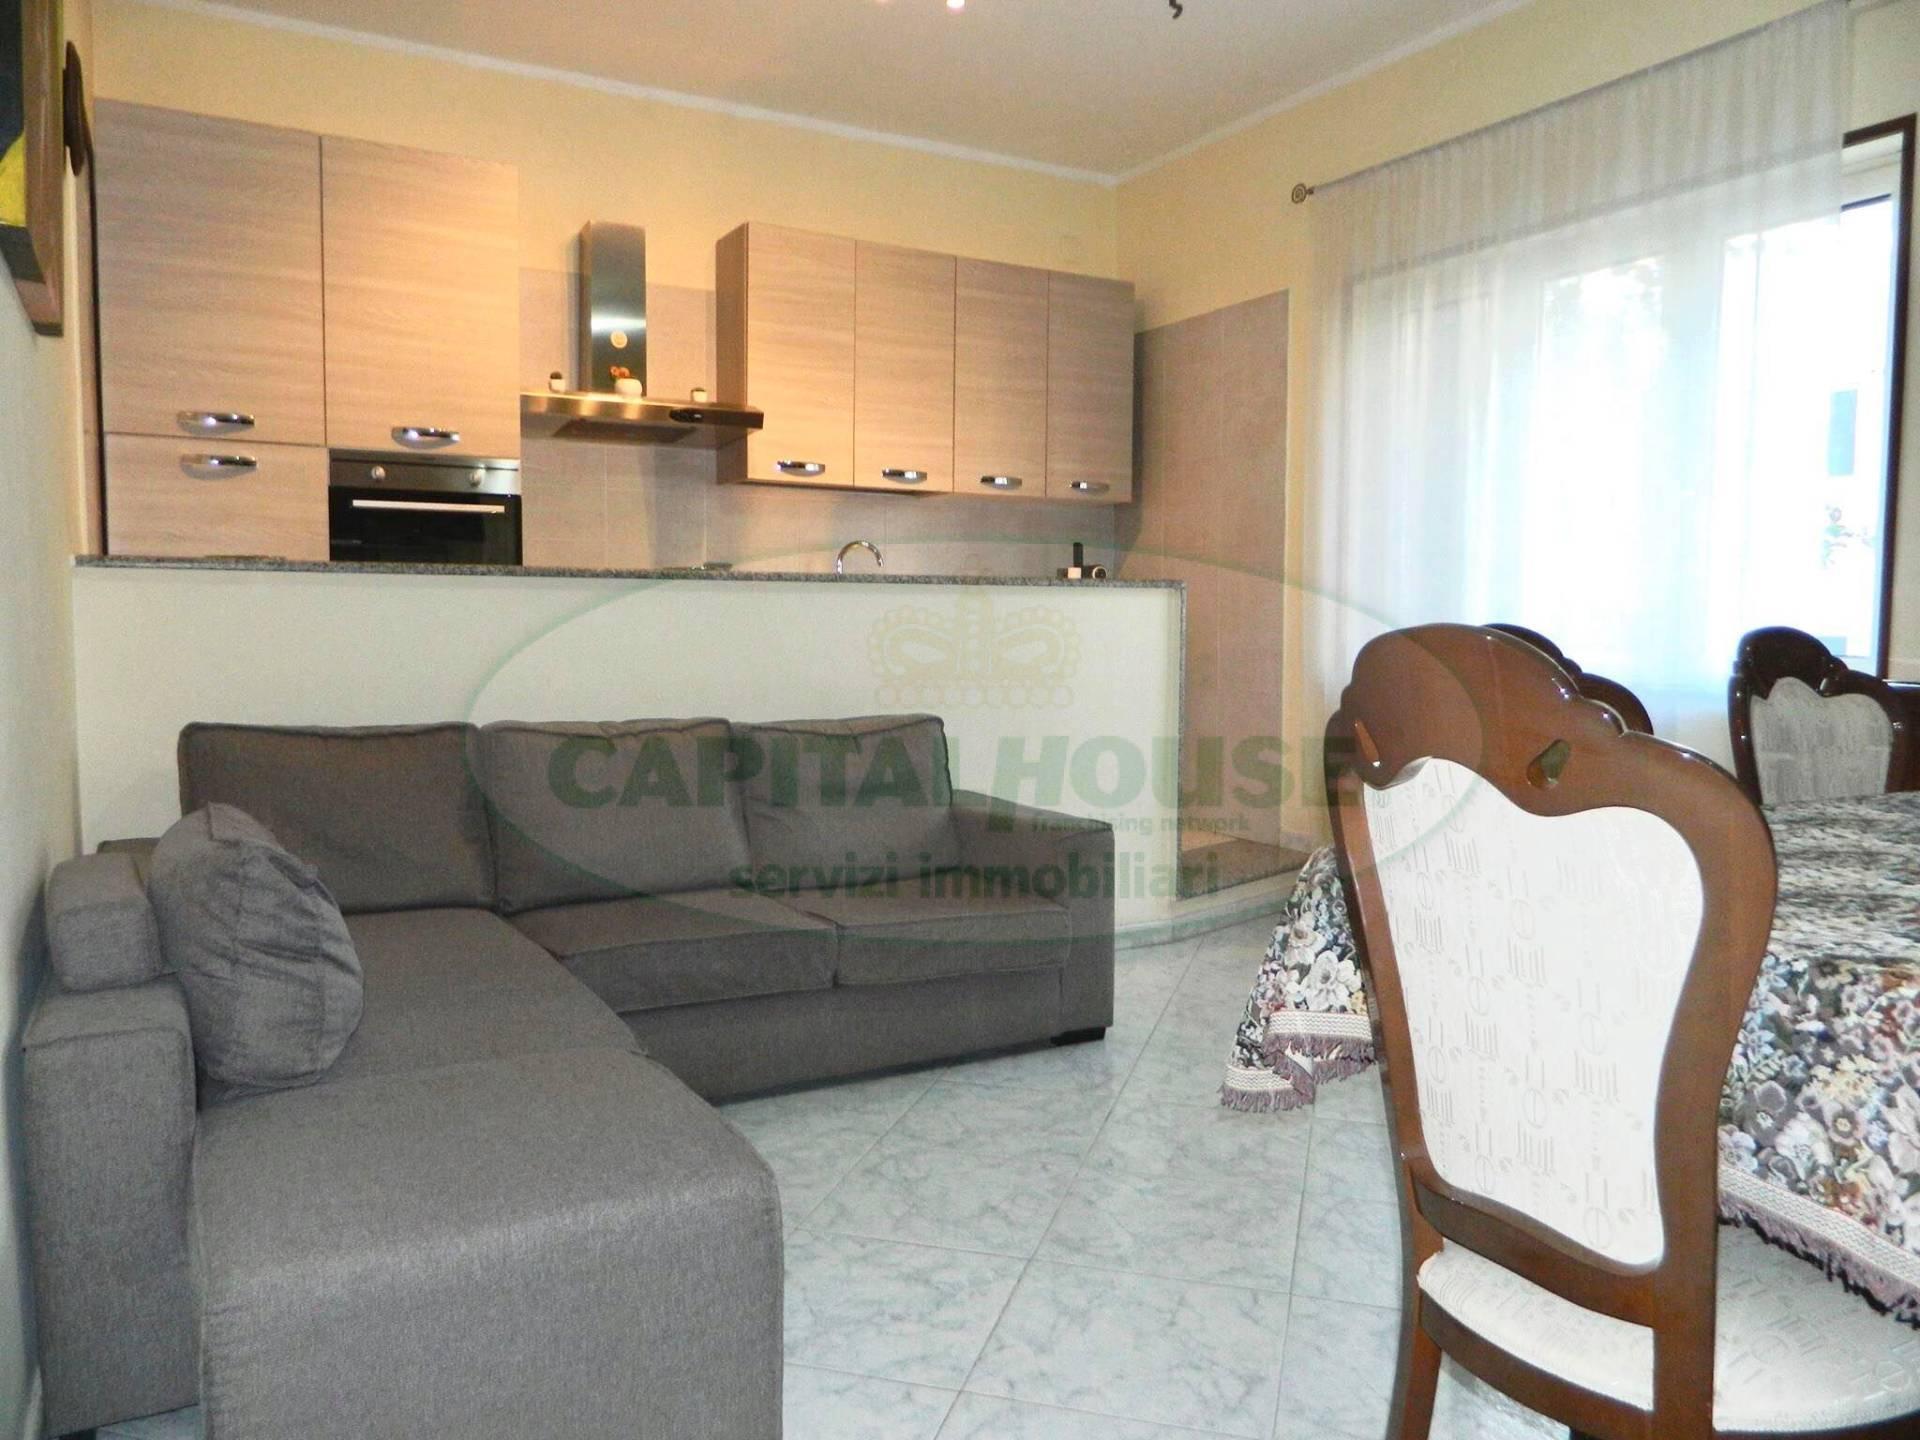 Appartamento in vendita a Afragola, 3 locali, zona Località: ZonaSanMichele, prezzo € 125.000 | CambioCasa.it